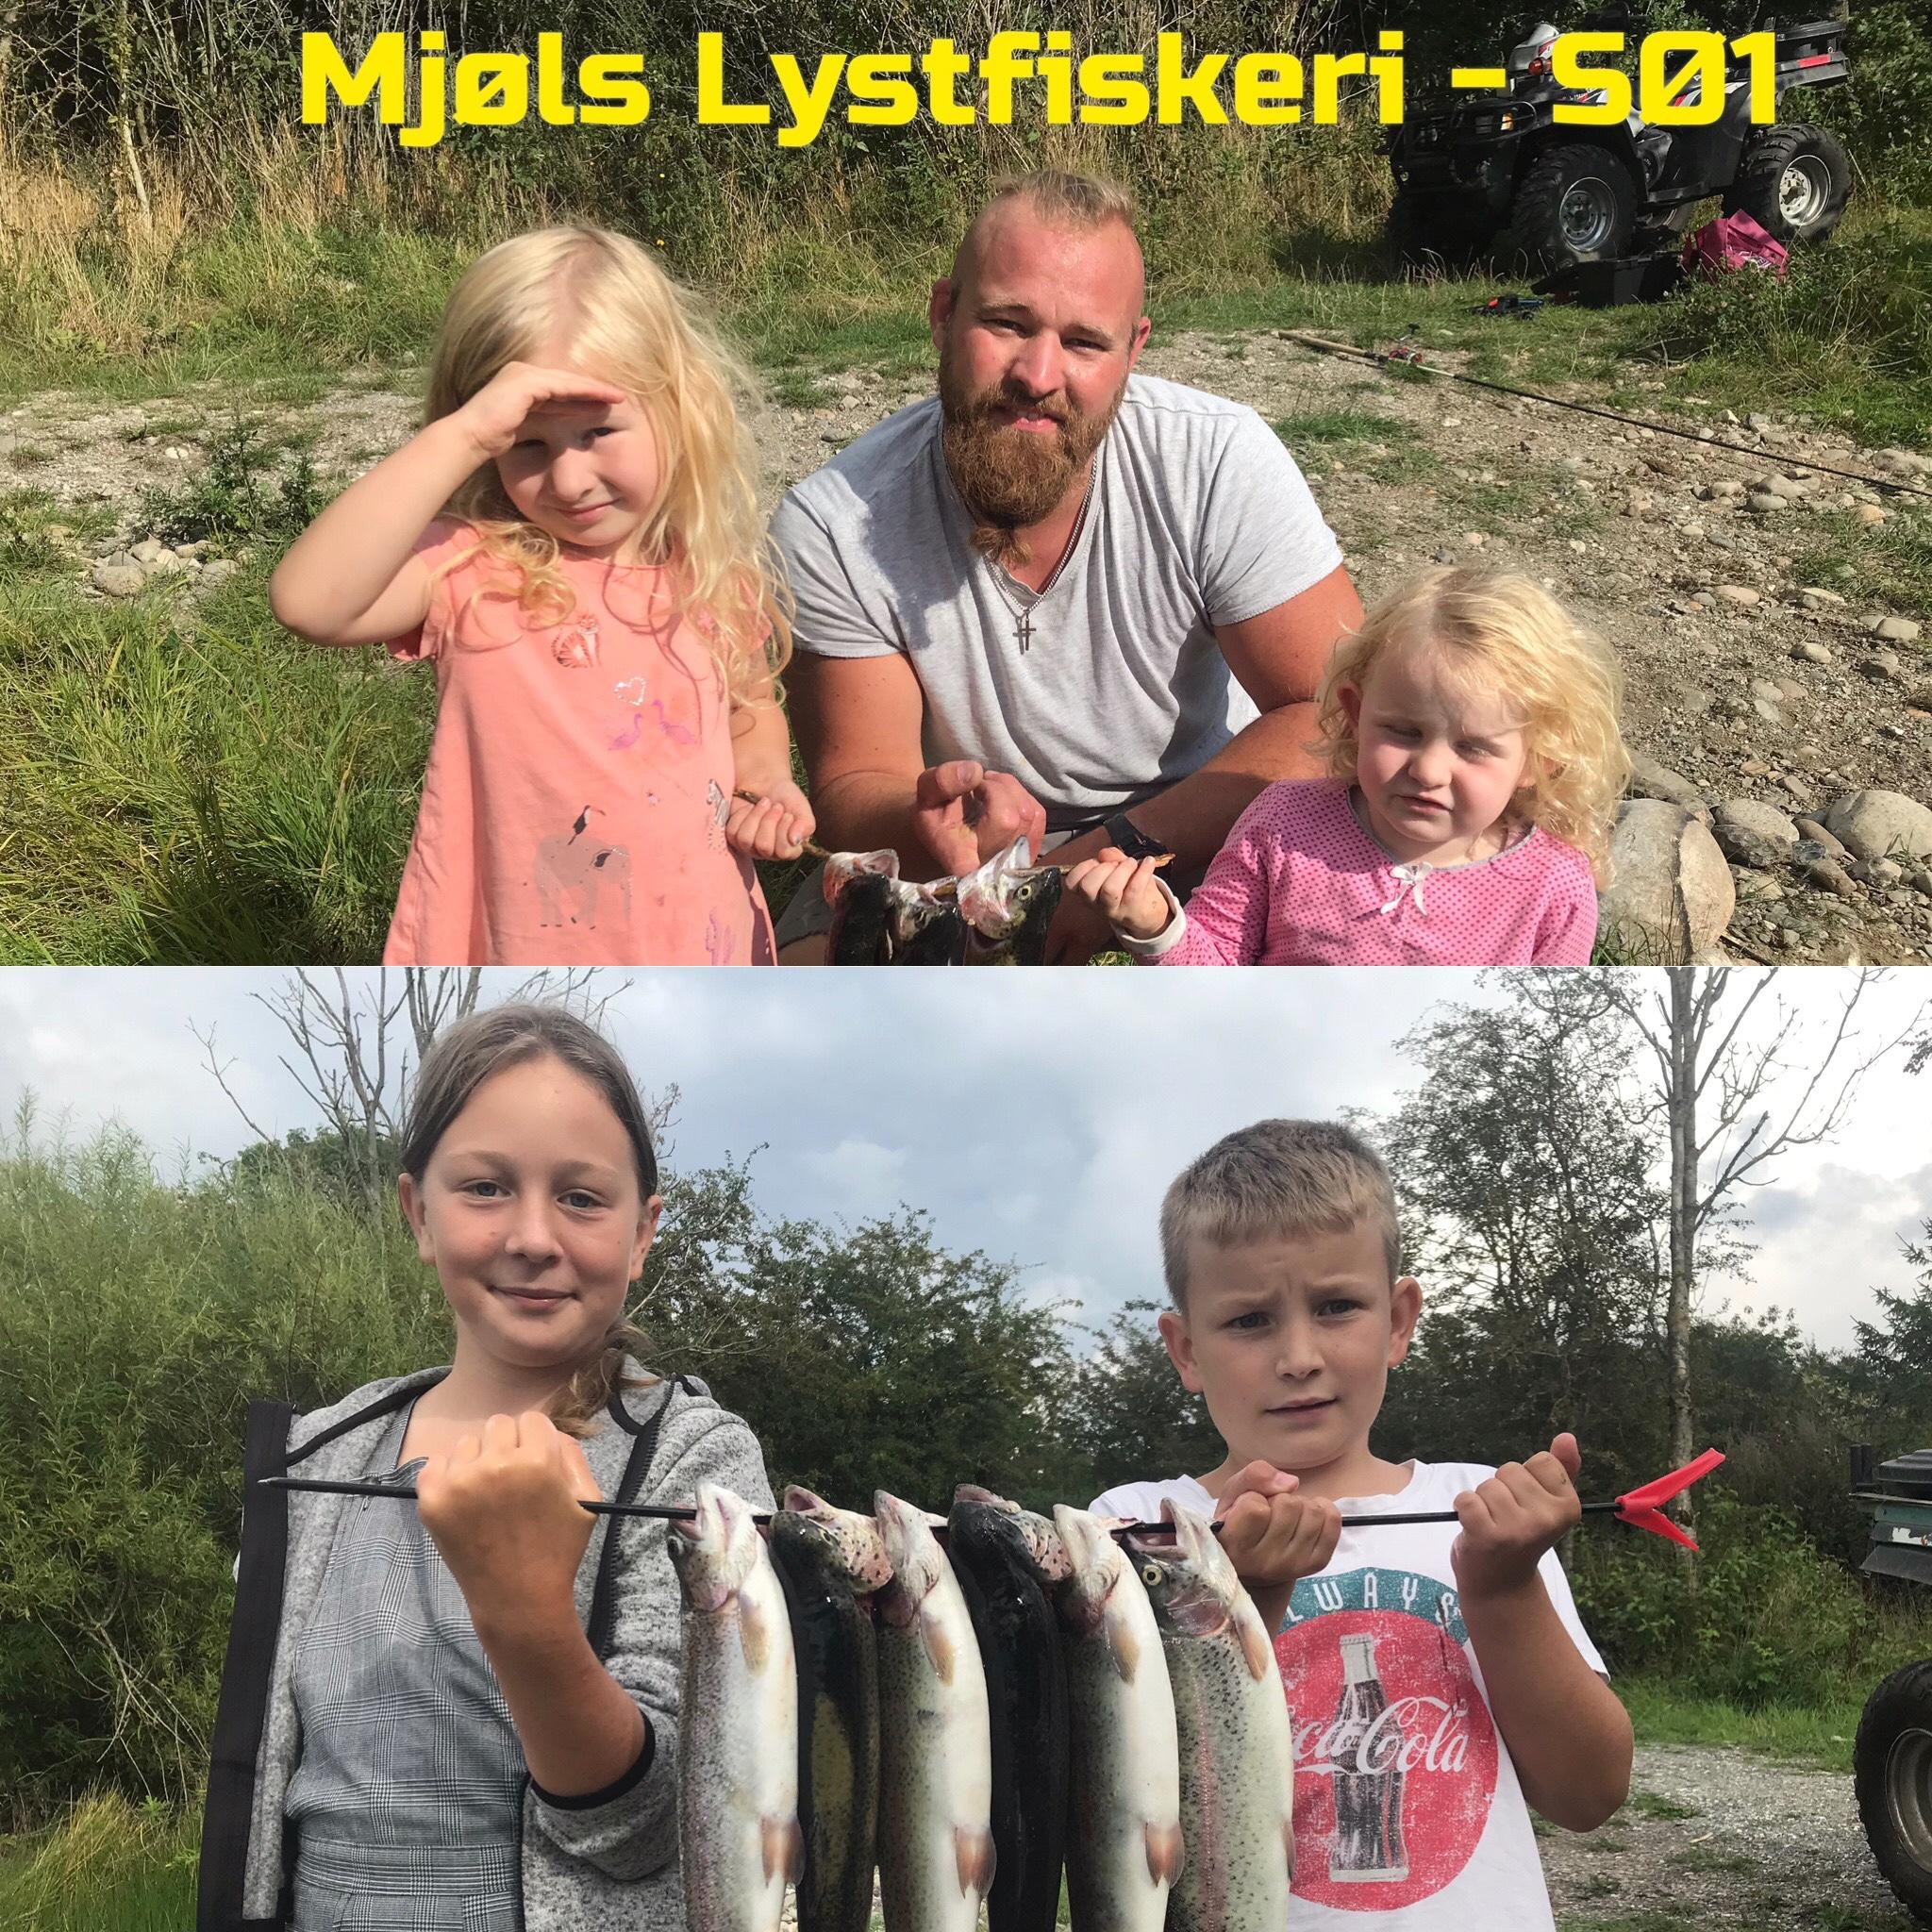 Mjøls Lystfiskeri – de hugger helt vildt i SØ1….